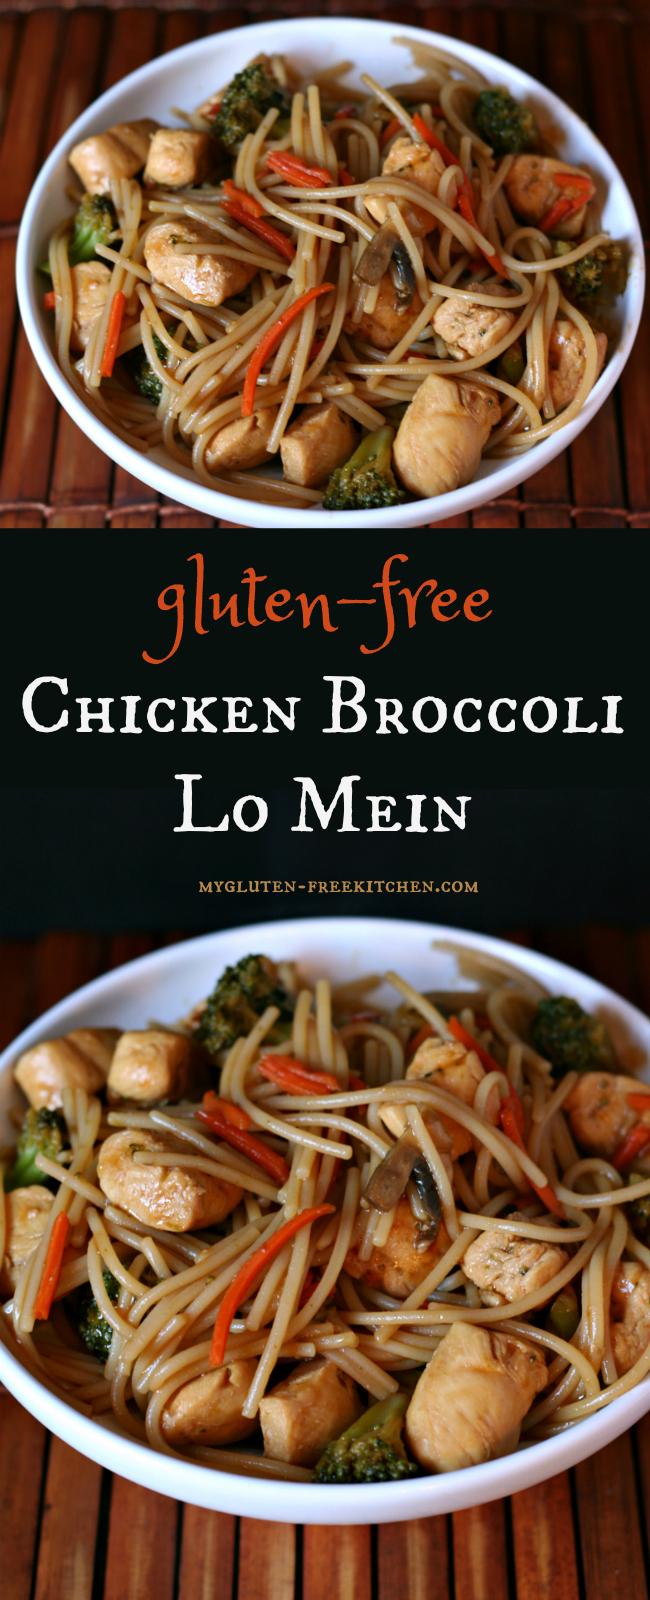 Gluten-free Chicken Broccoli Lo Mein Recipe